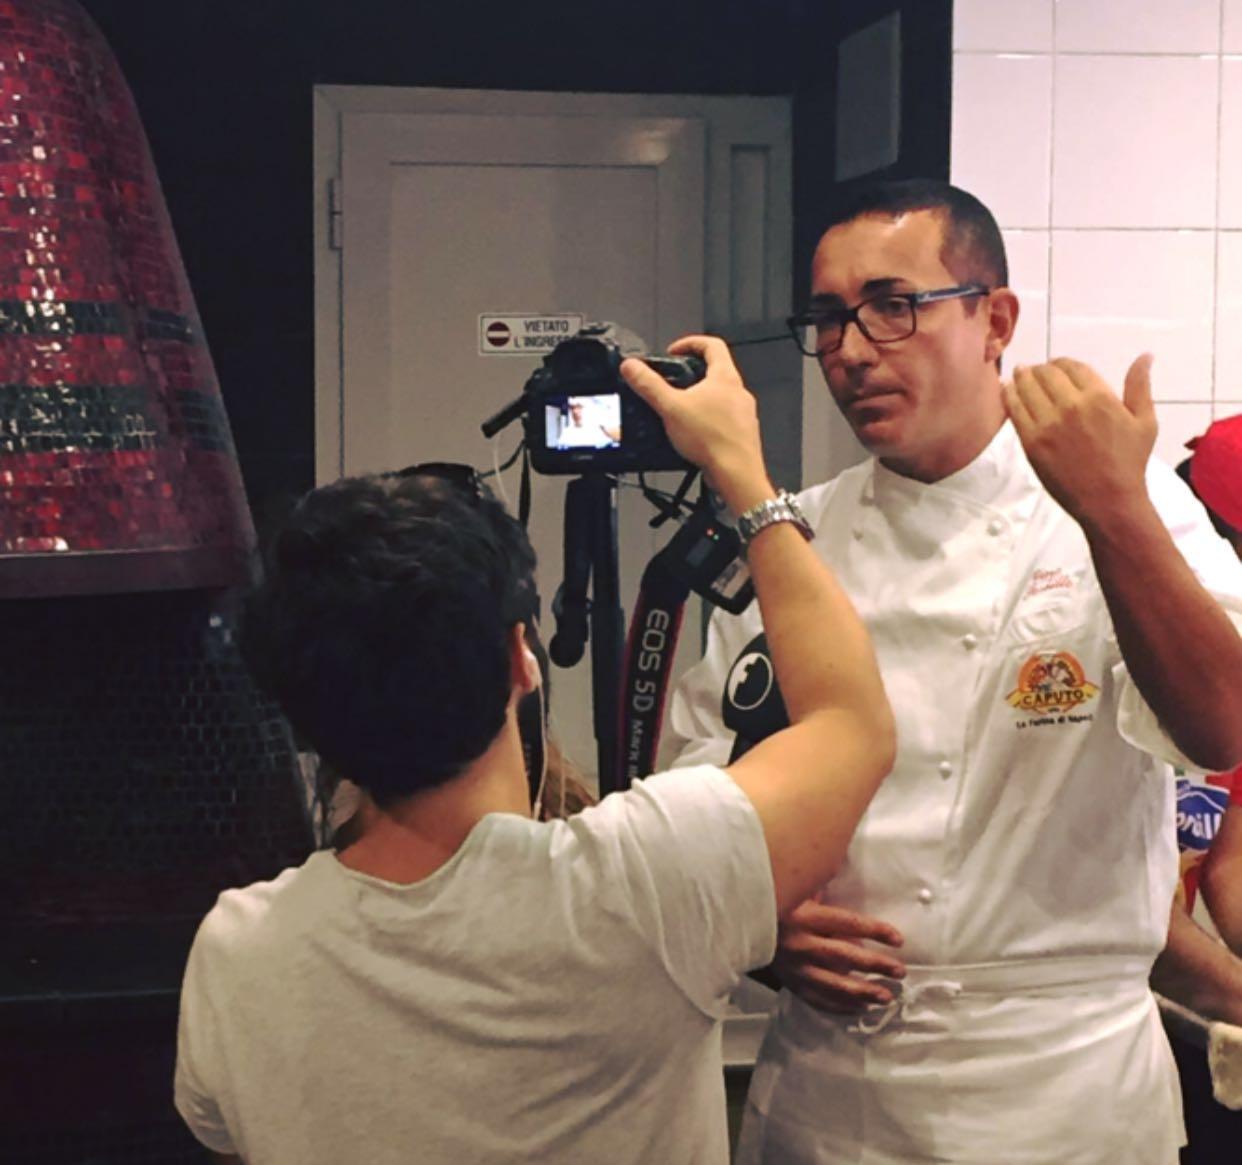 Gino Sorbillo pizzaiolo intervista NPV 2016